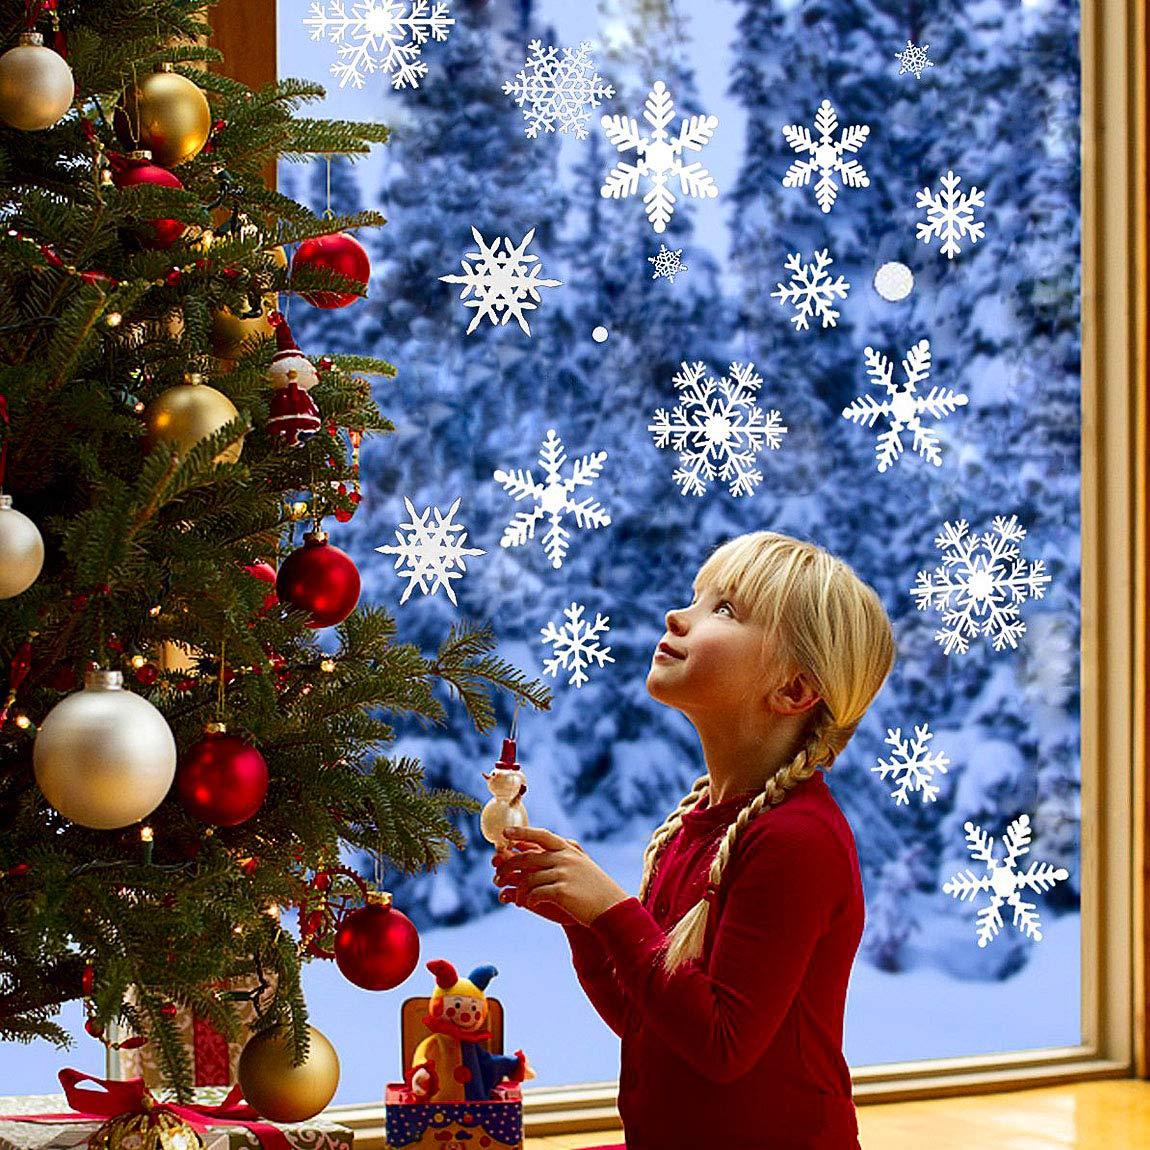 Pared de la Navidad A/ño Nuevo Etiqueta Nieve Etiqueta Engomada Desprendible de Arte Decoraci/ón Decal Navidad Nieve Decoracion Pared Etiqueta Joy.J